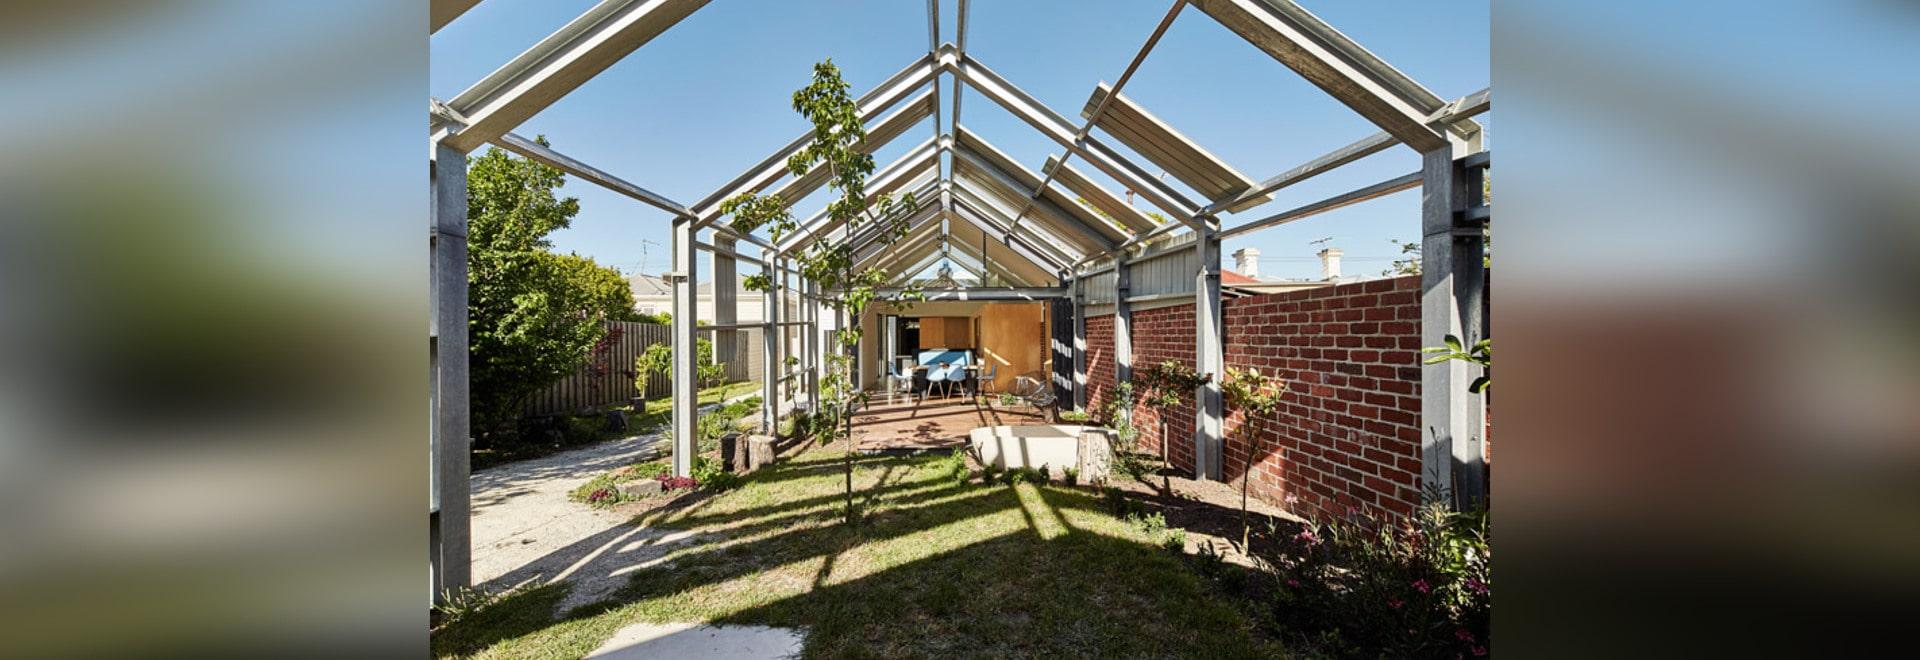 Superior Andrew Maynard Fügt Gewächshaus Wie Verlängerung Einem Melbourne Haus  Hinzu? Aber Lässt Es